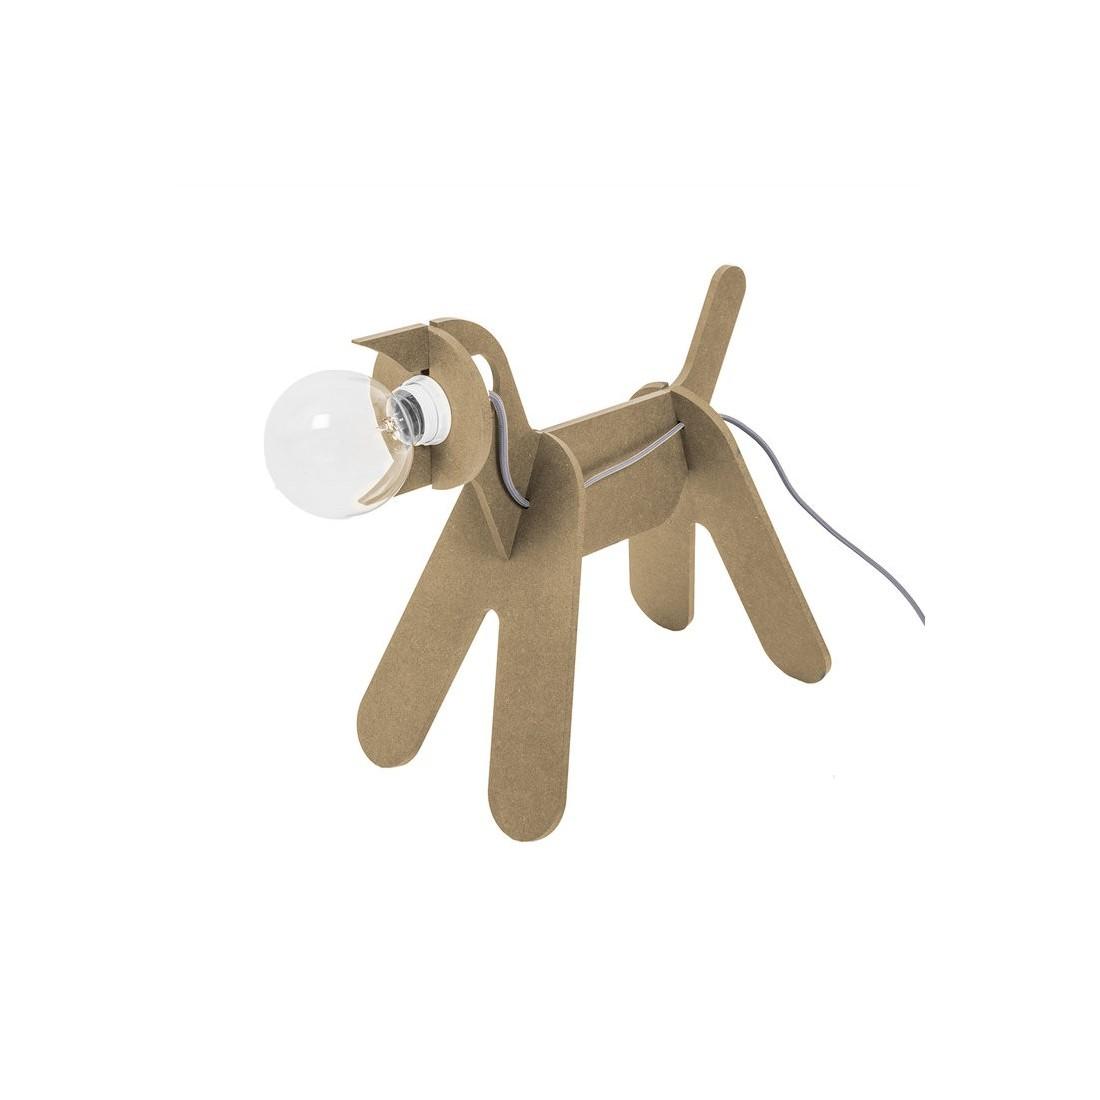 Lampe Get out dog naturel Eno studio